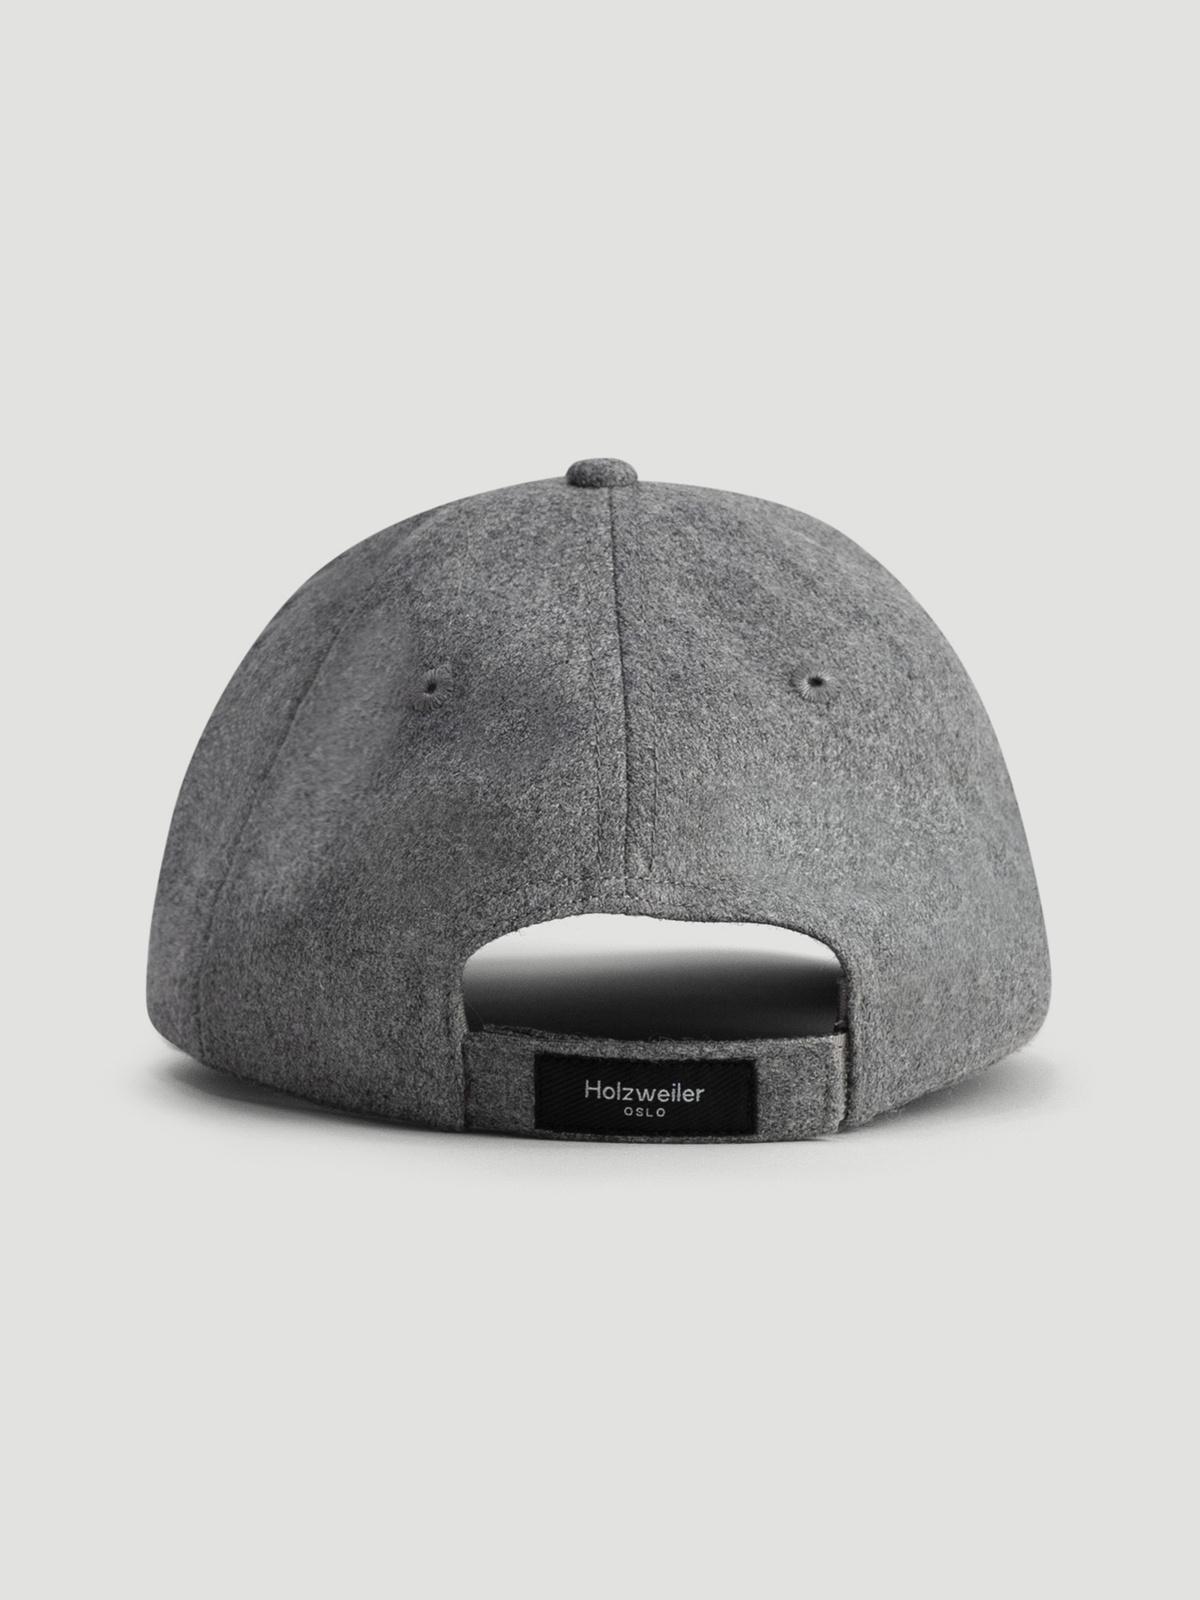 Holzweiler Wool Caps  Grey 5